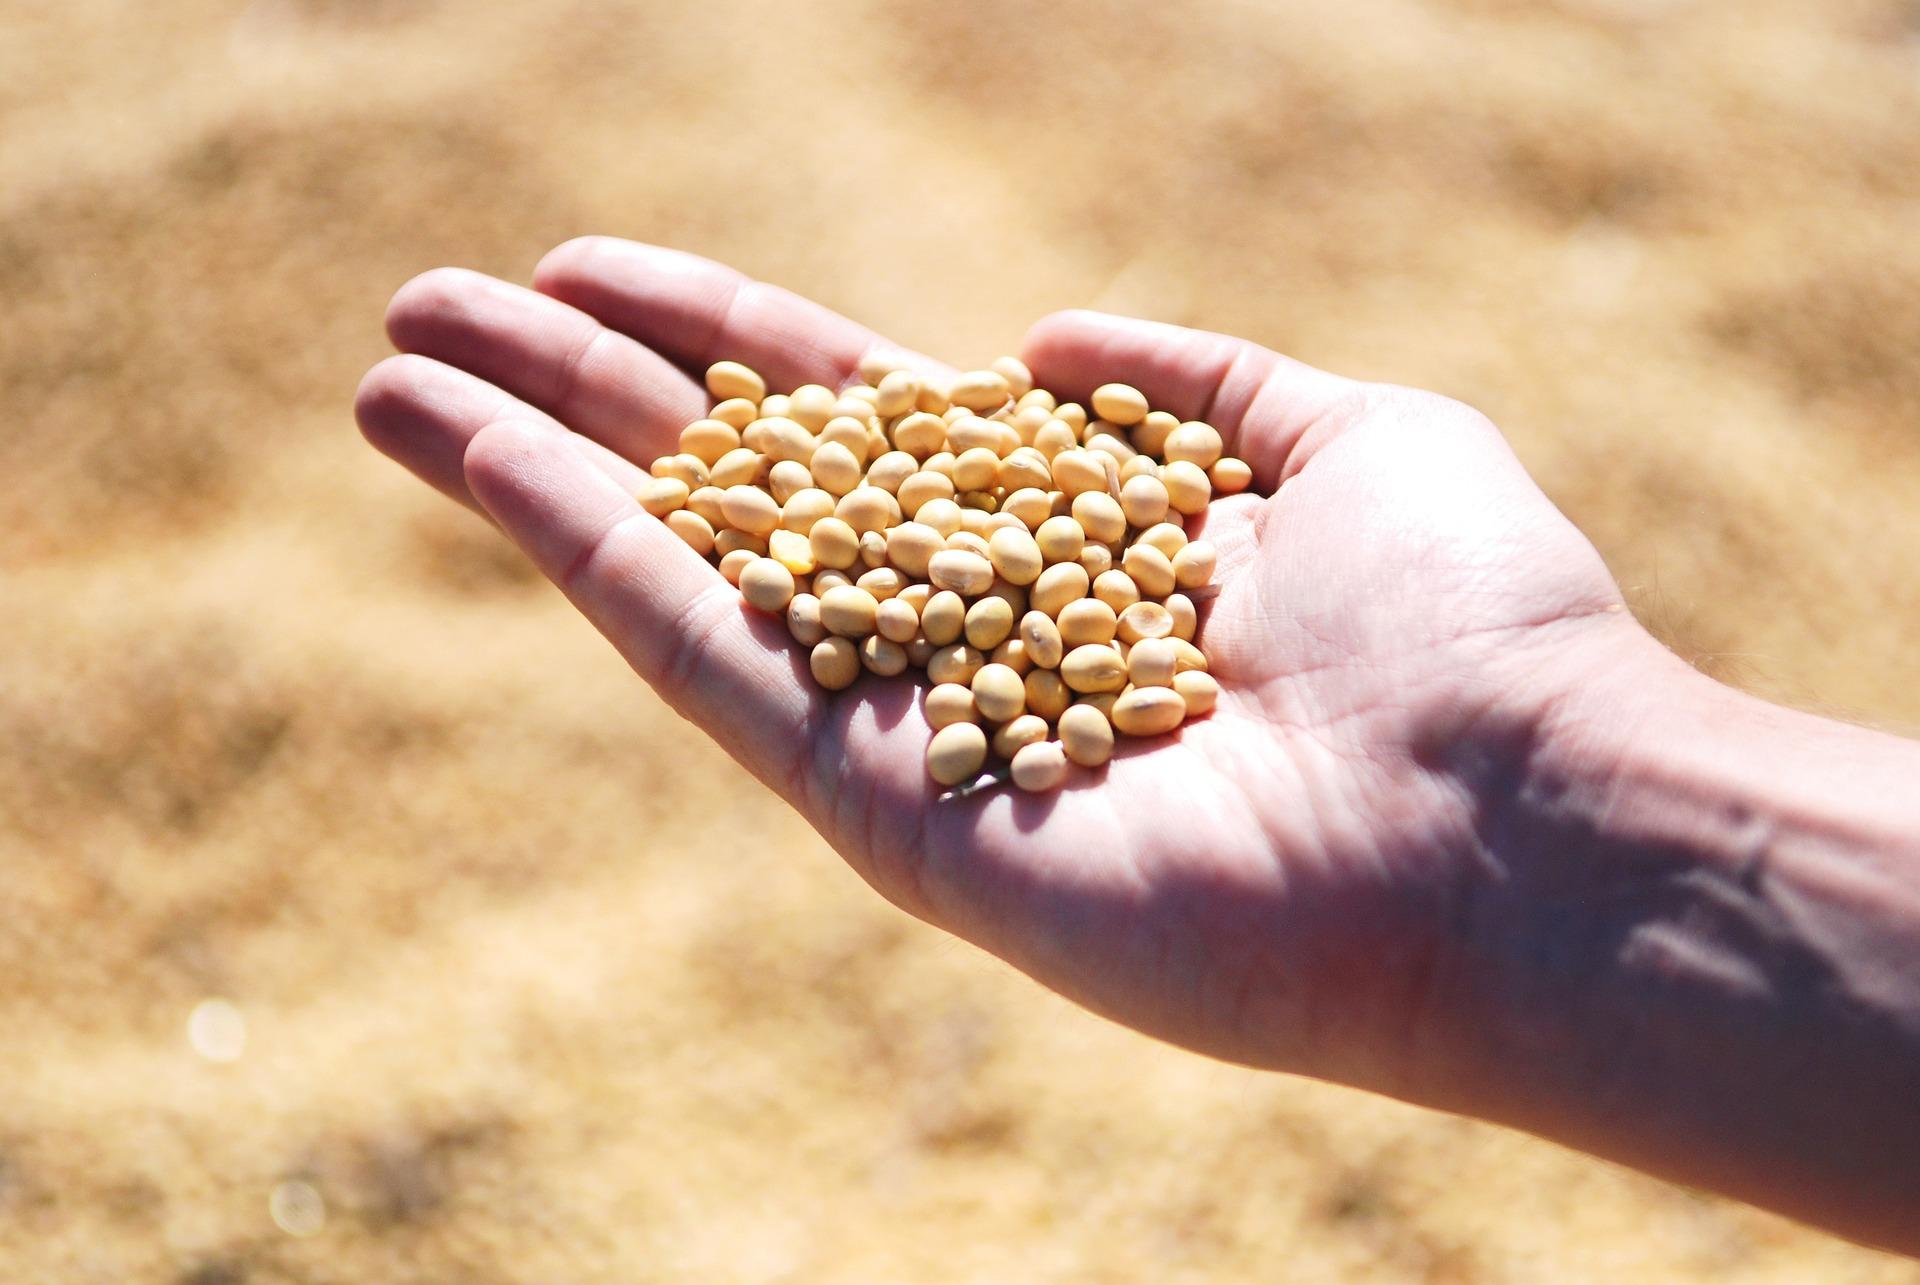 soybean-1831704_1920.jpg